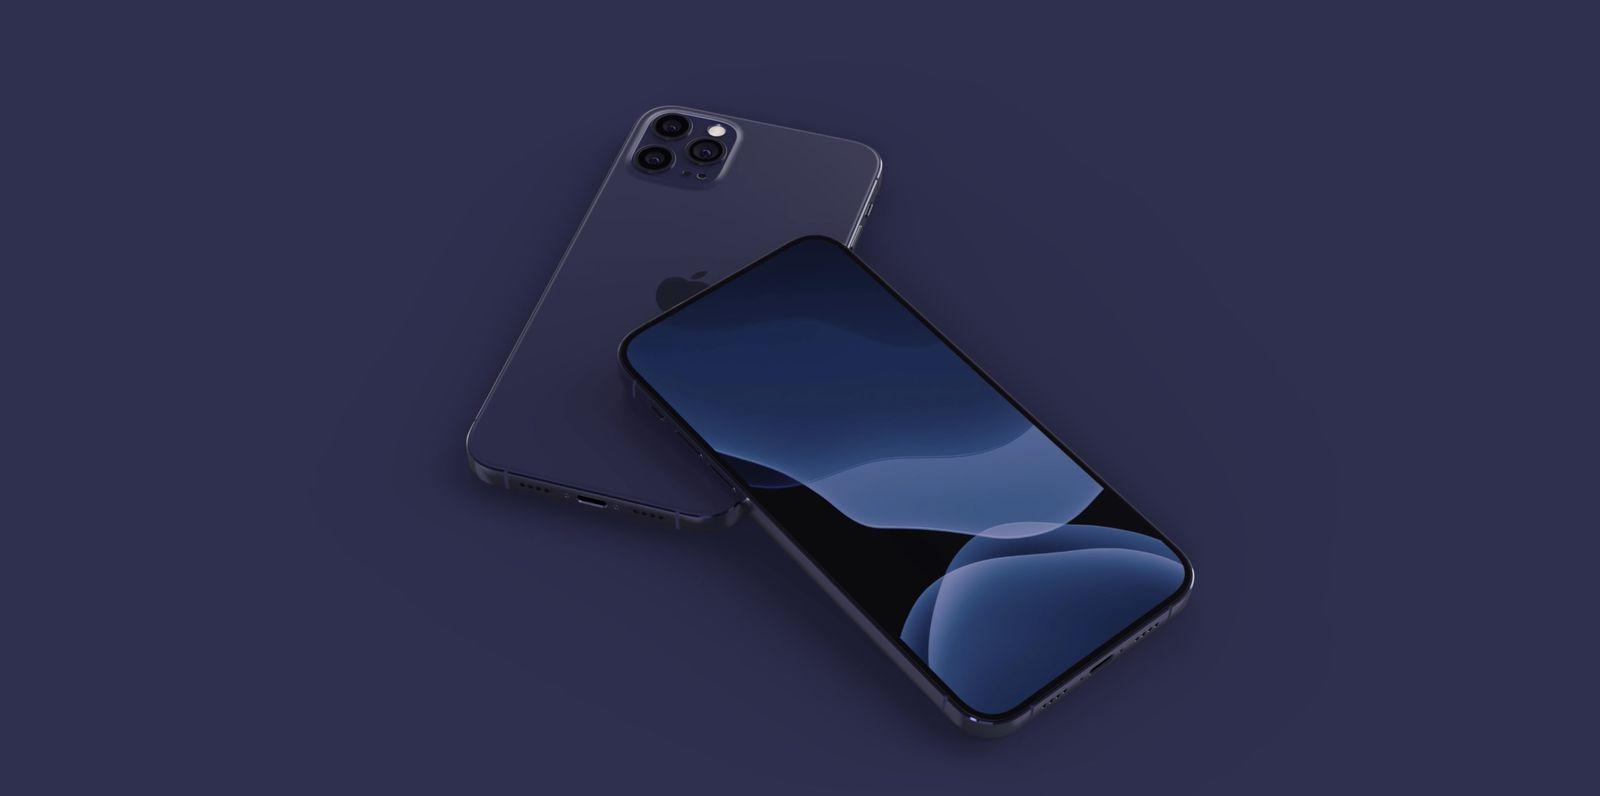 iPhone 12 azul marino render